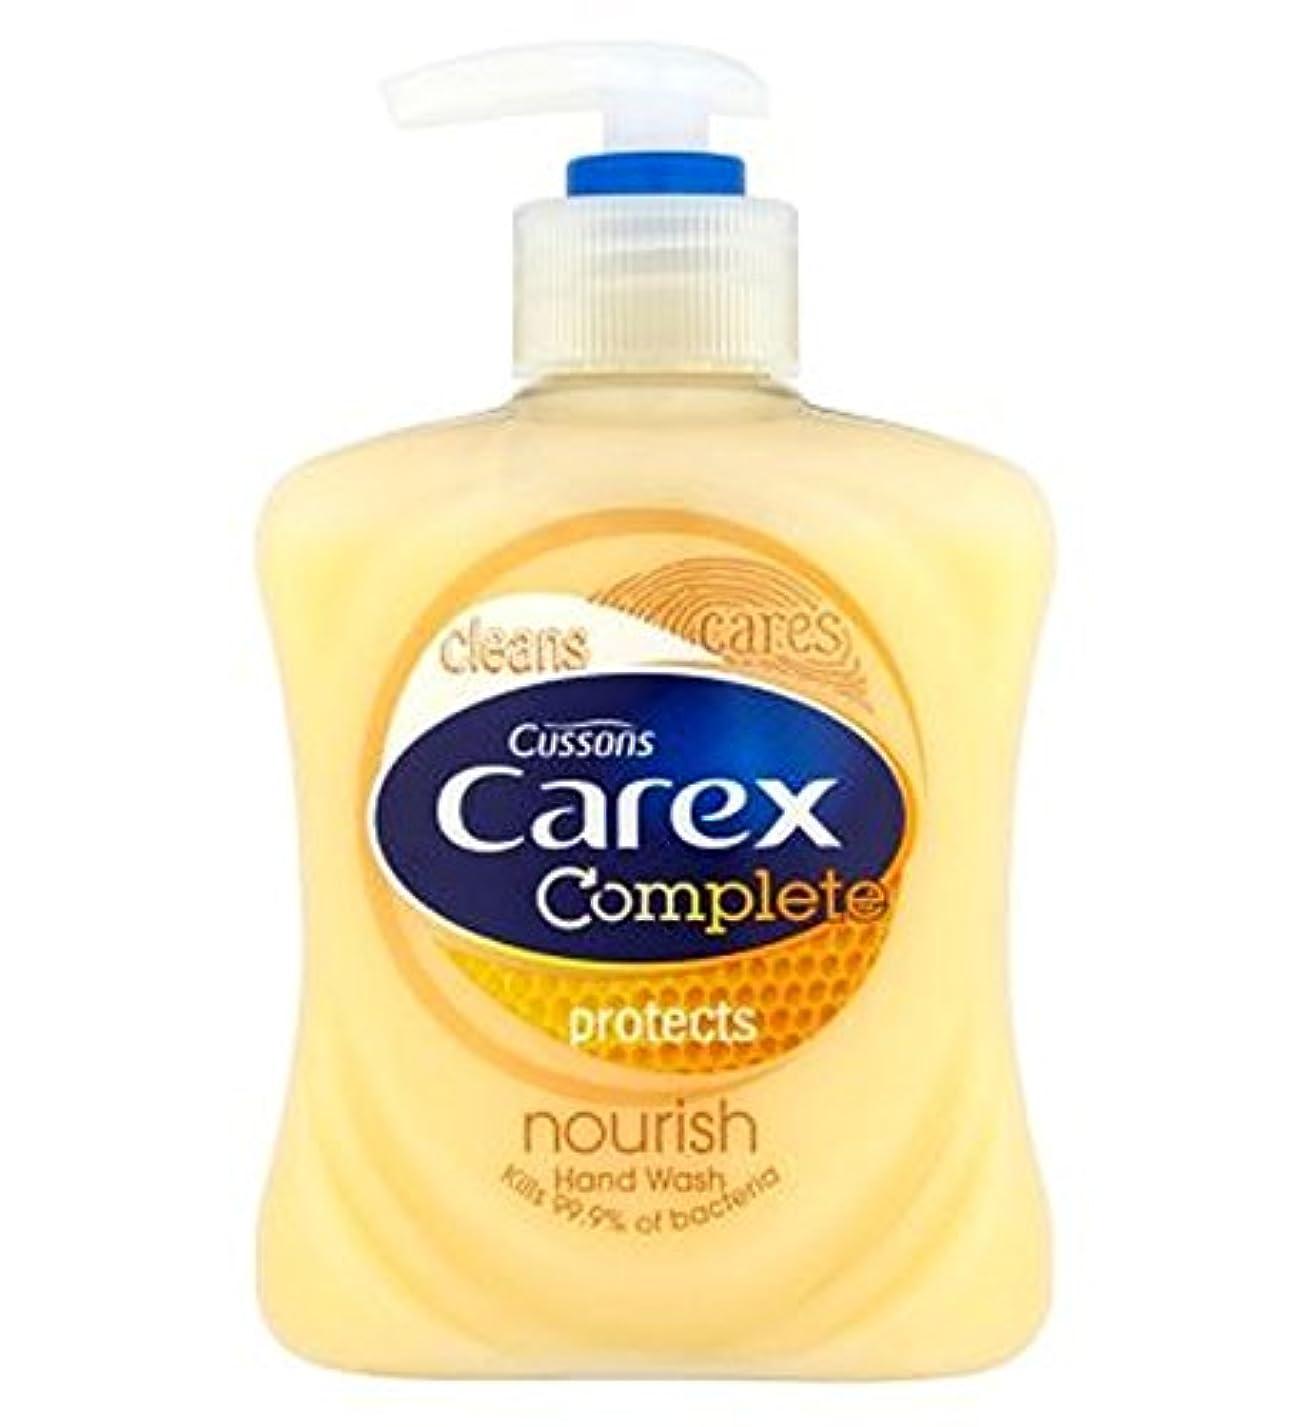 海外でバッフル思いやりのあるCarex Complete Nourishing Hand Wash 250ml - スゲ属完全な栄養ハンドウォッシュ250ミリリットル (Carex) [並行輸入品]